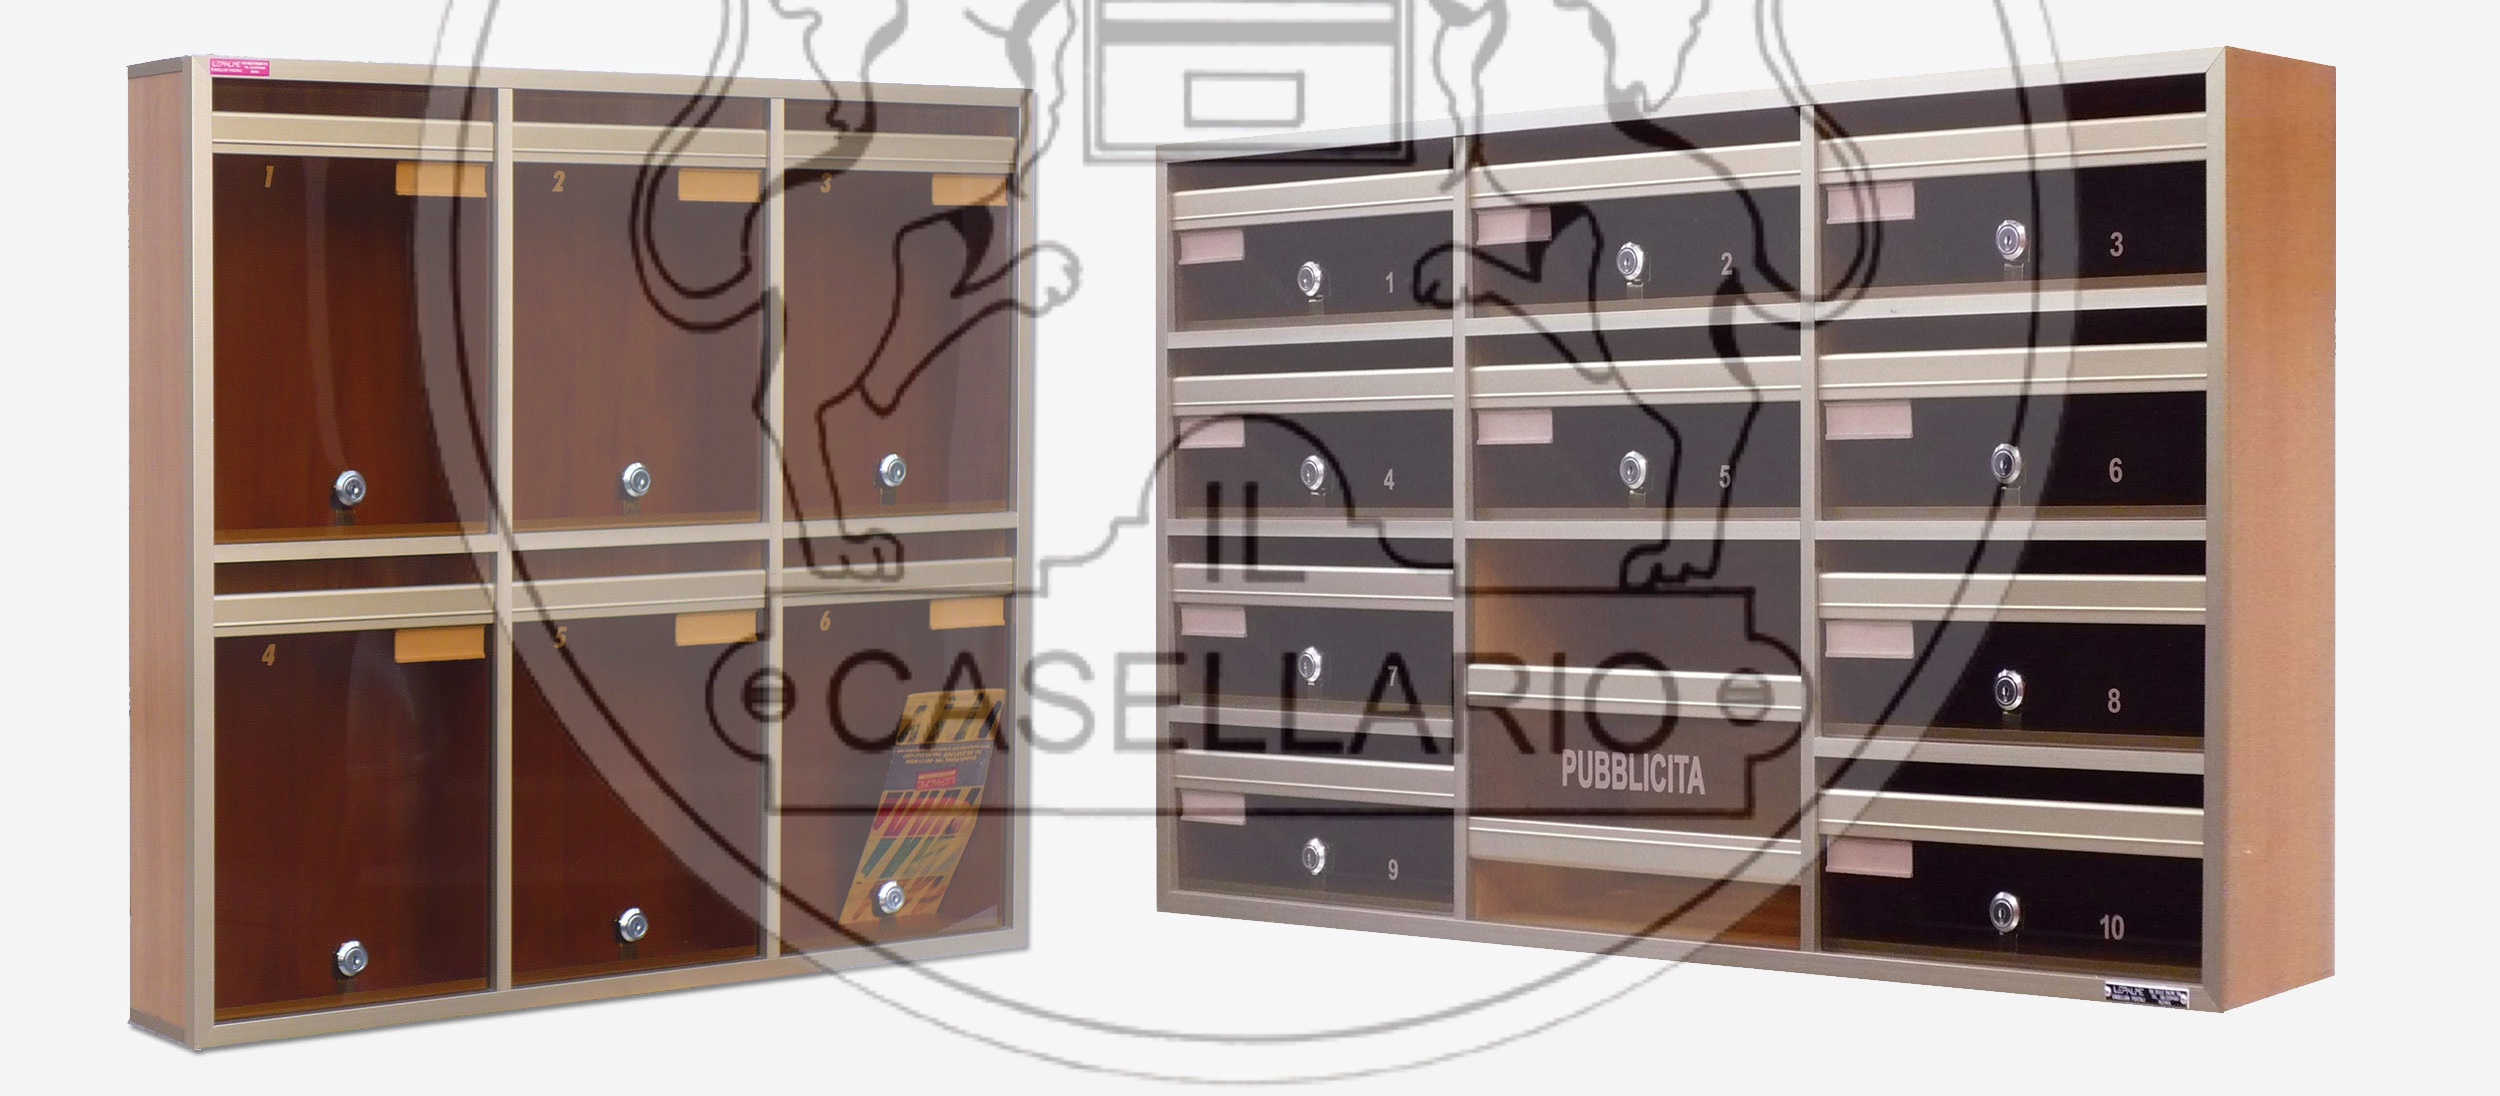 IL CASELLARIO - ACP LE PALME - CASELLARI POSTALI - ROMA